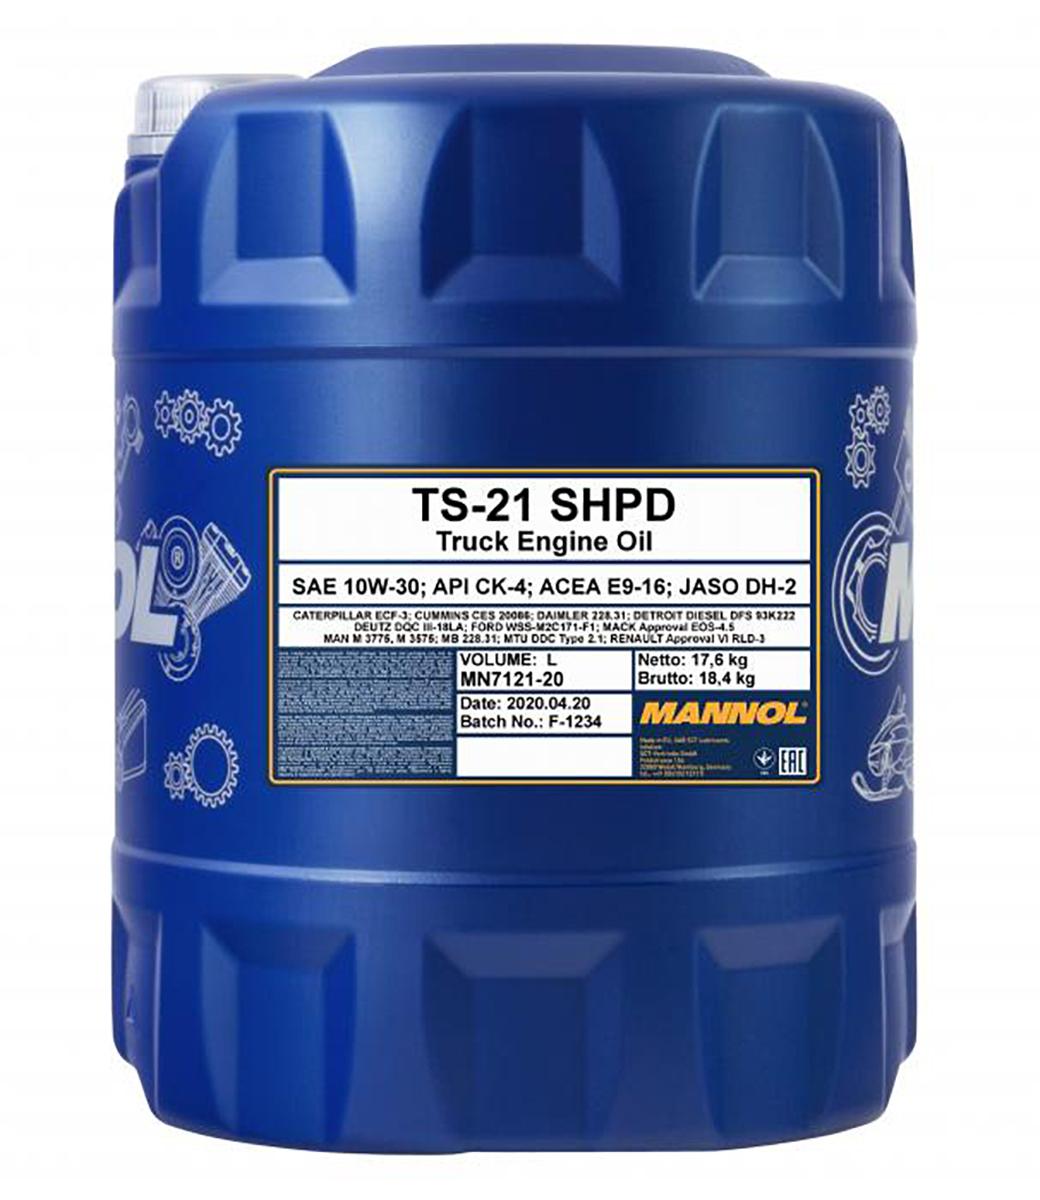 TS-21 SHPD 10W-30